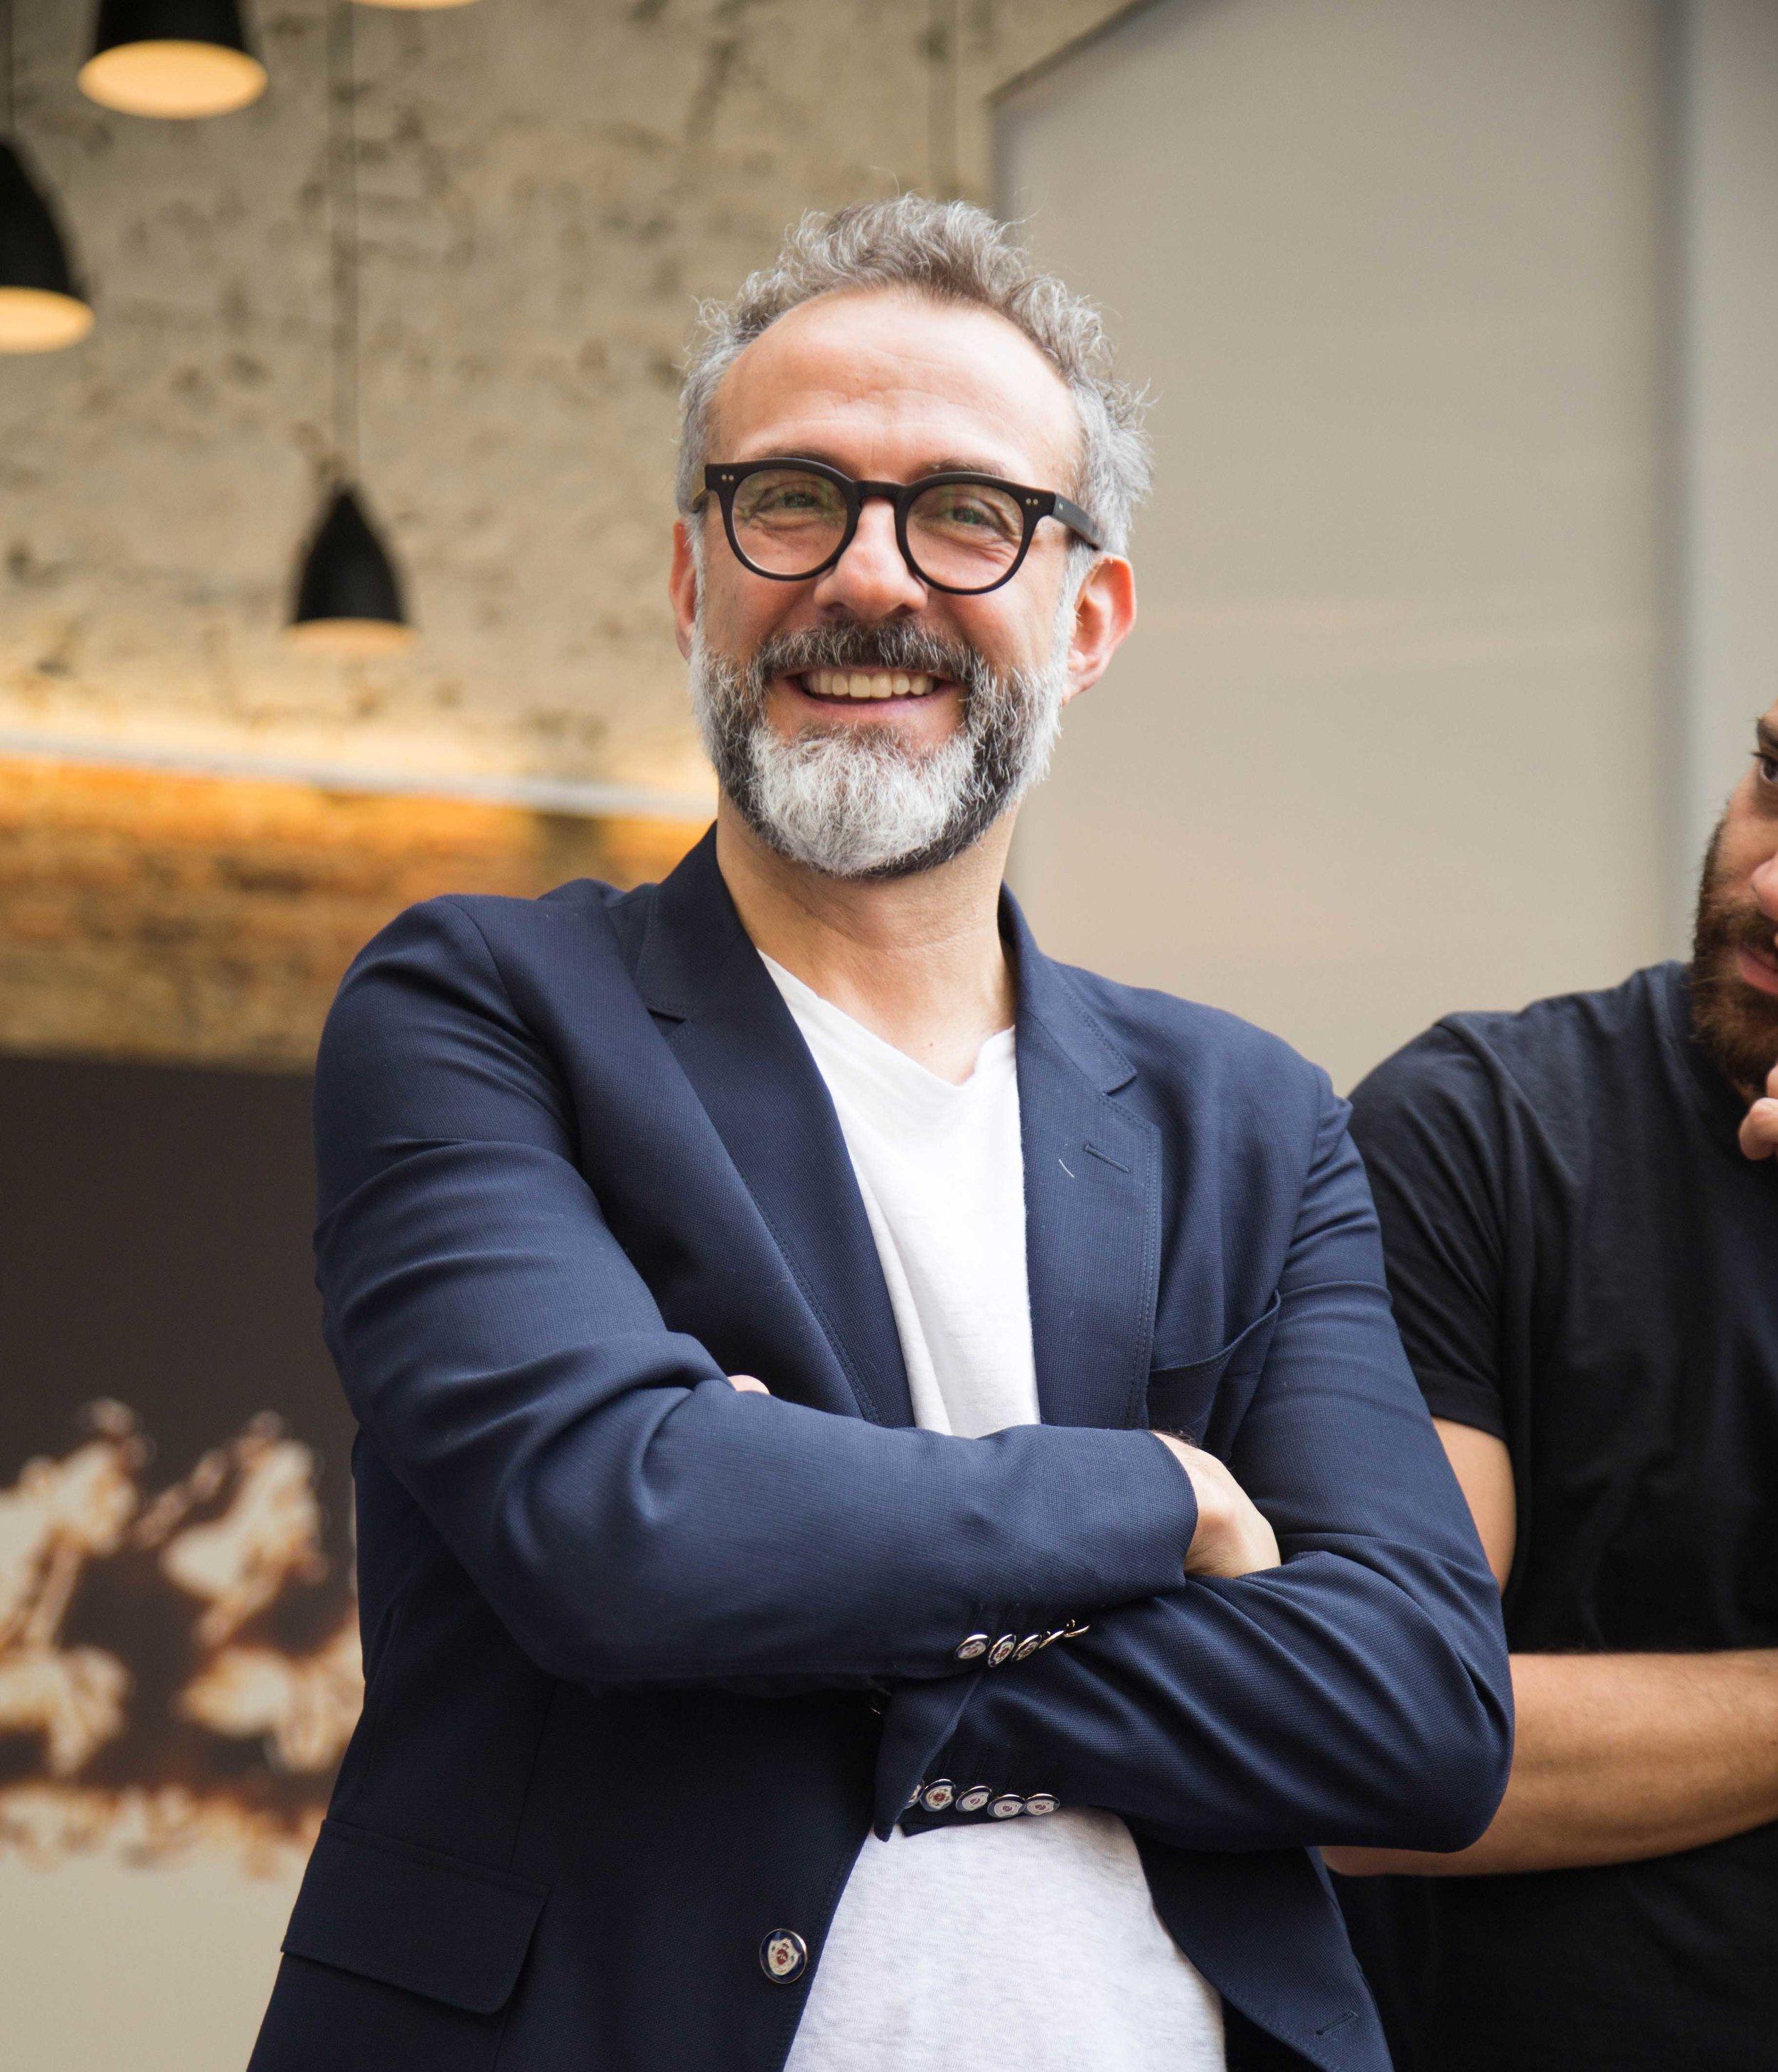 Massimo Bottura al recentemente inaugurato refettorio paris, l'ultima cucina solidale aperta dalla sua associazione food for soul.